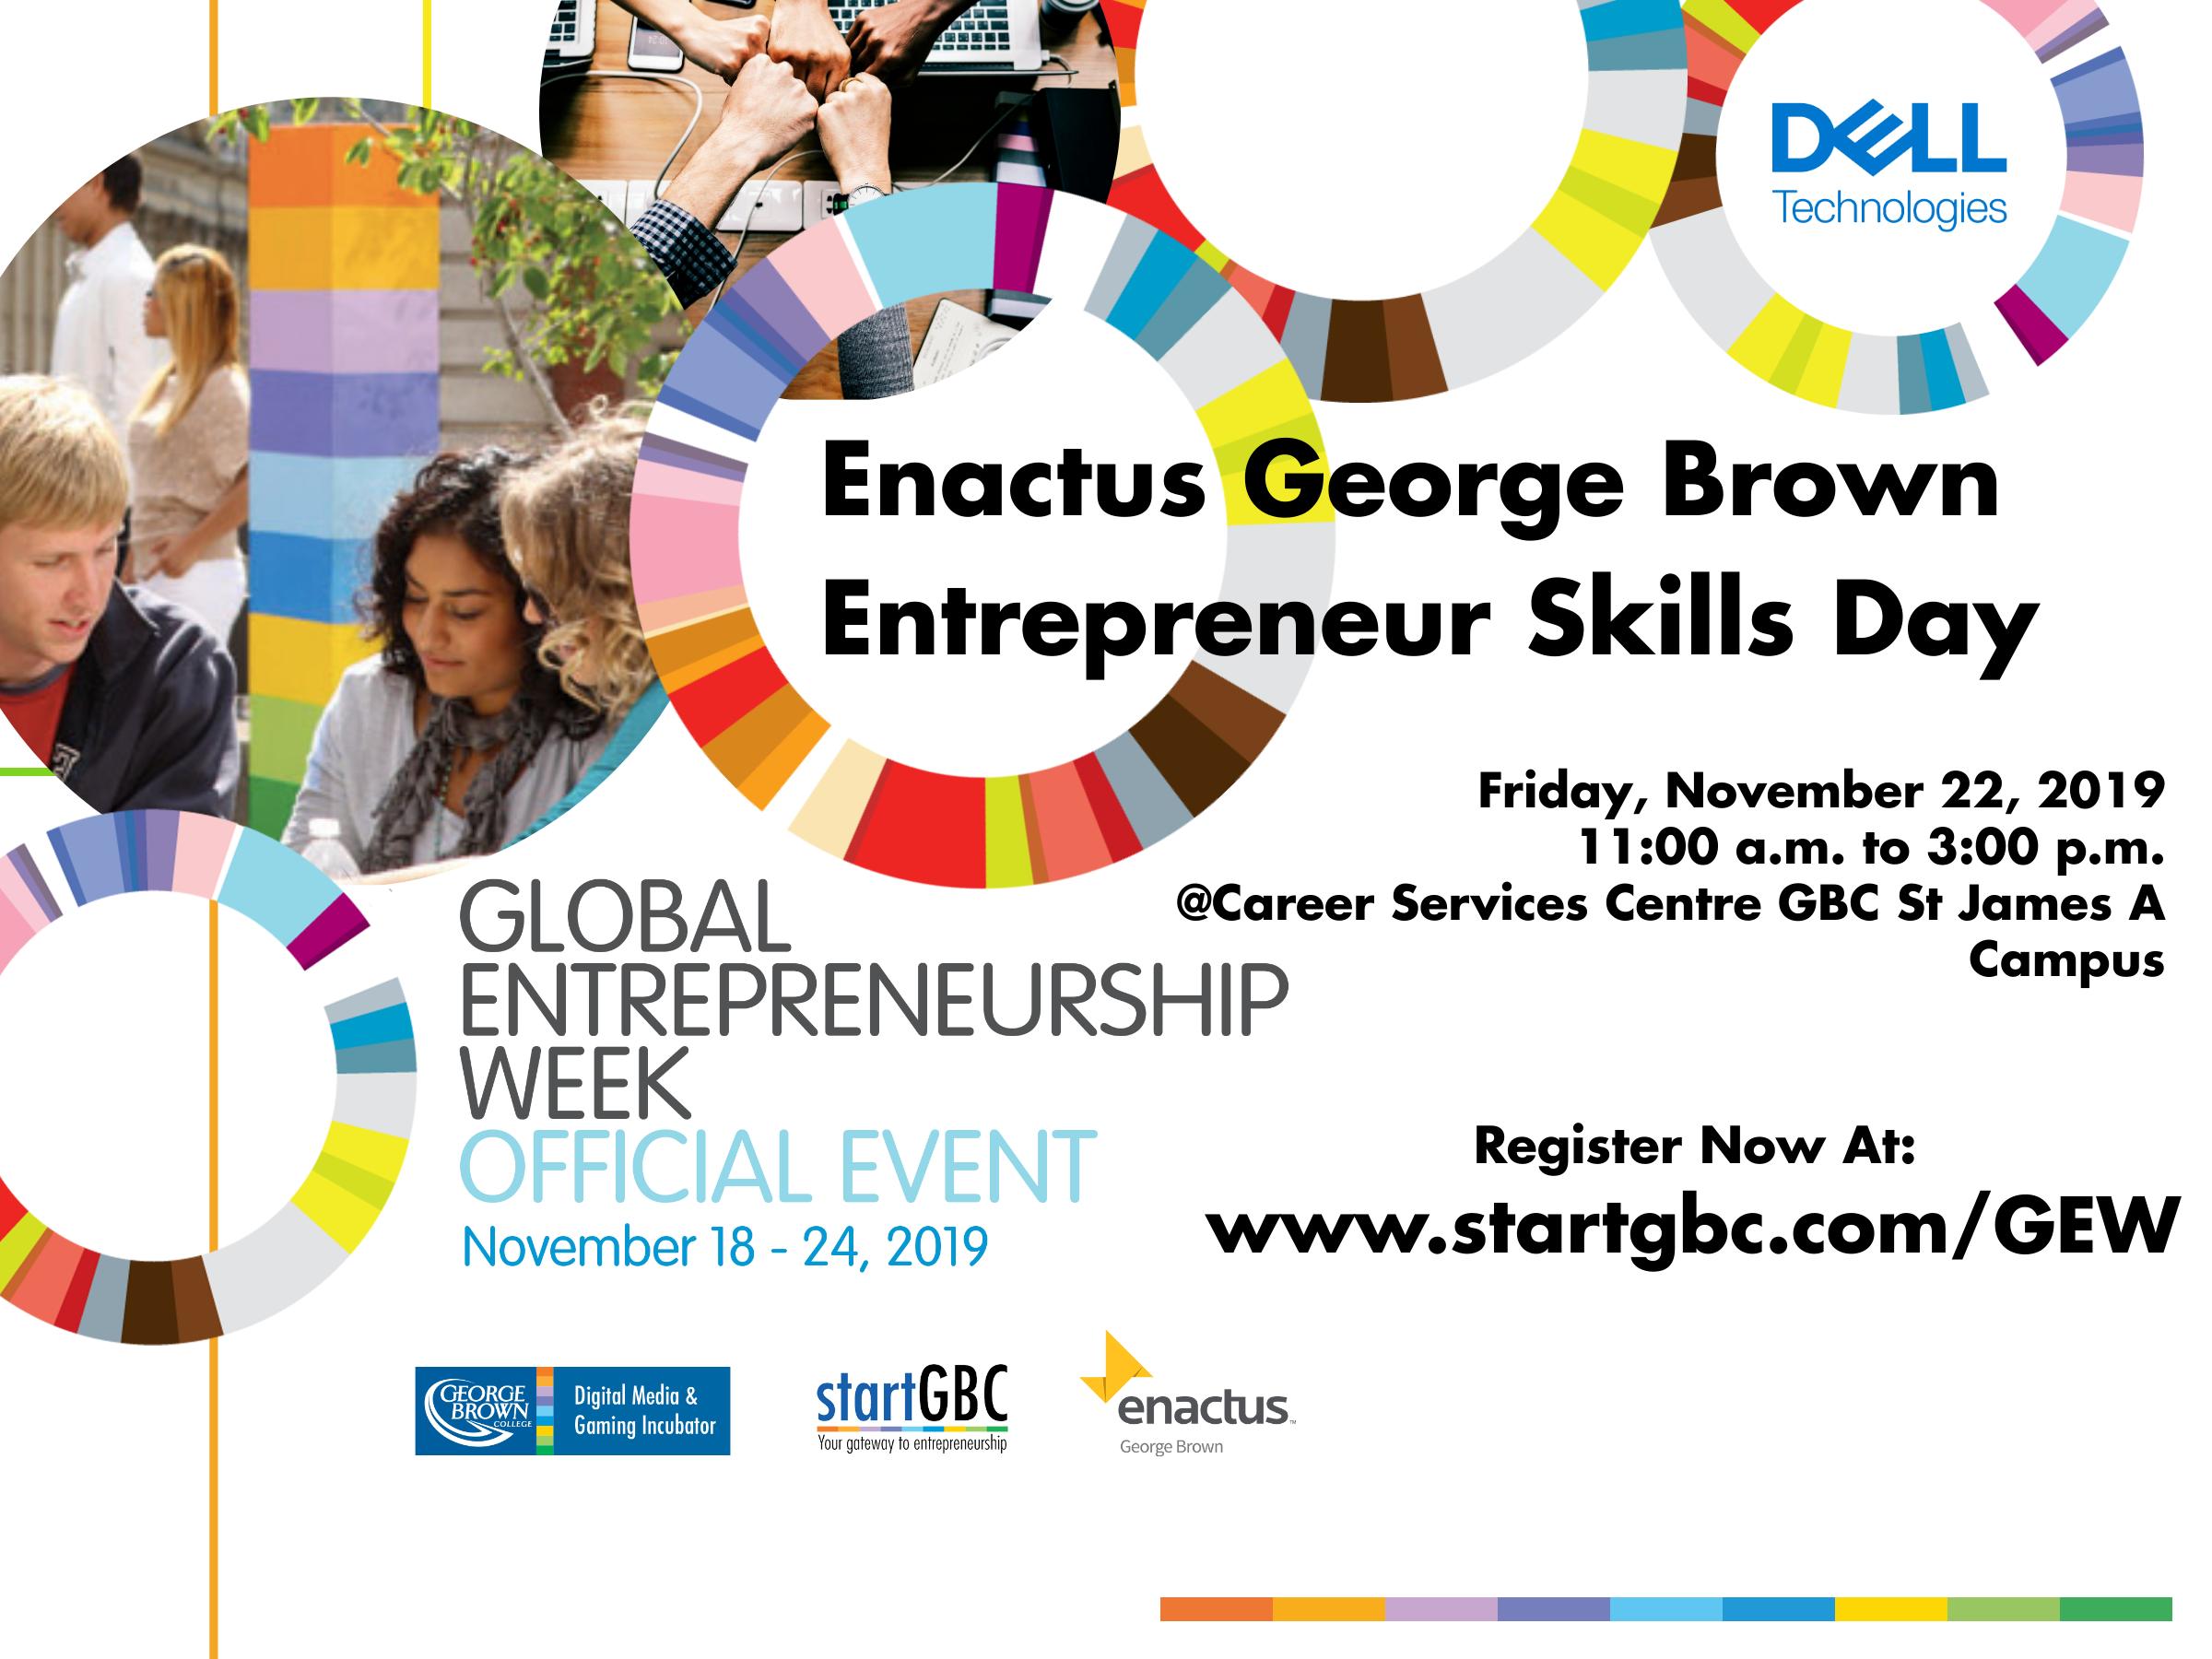 Enactus George Brown Entrepreneur Skills Day